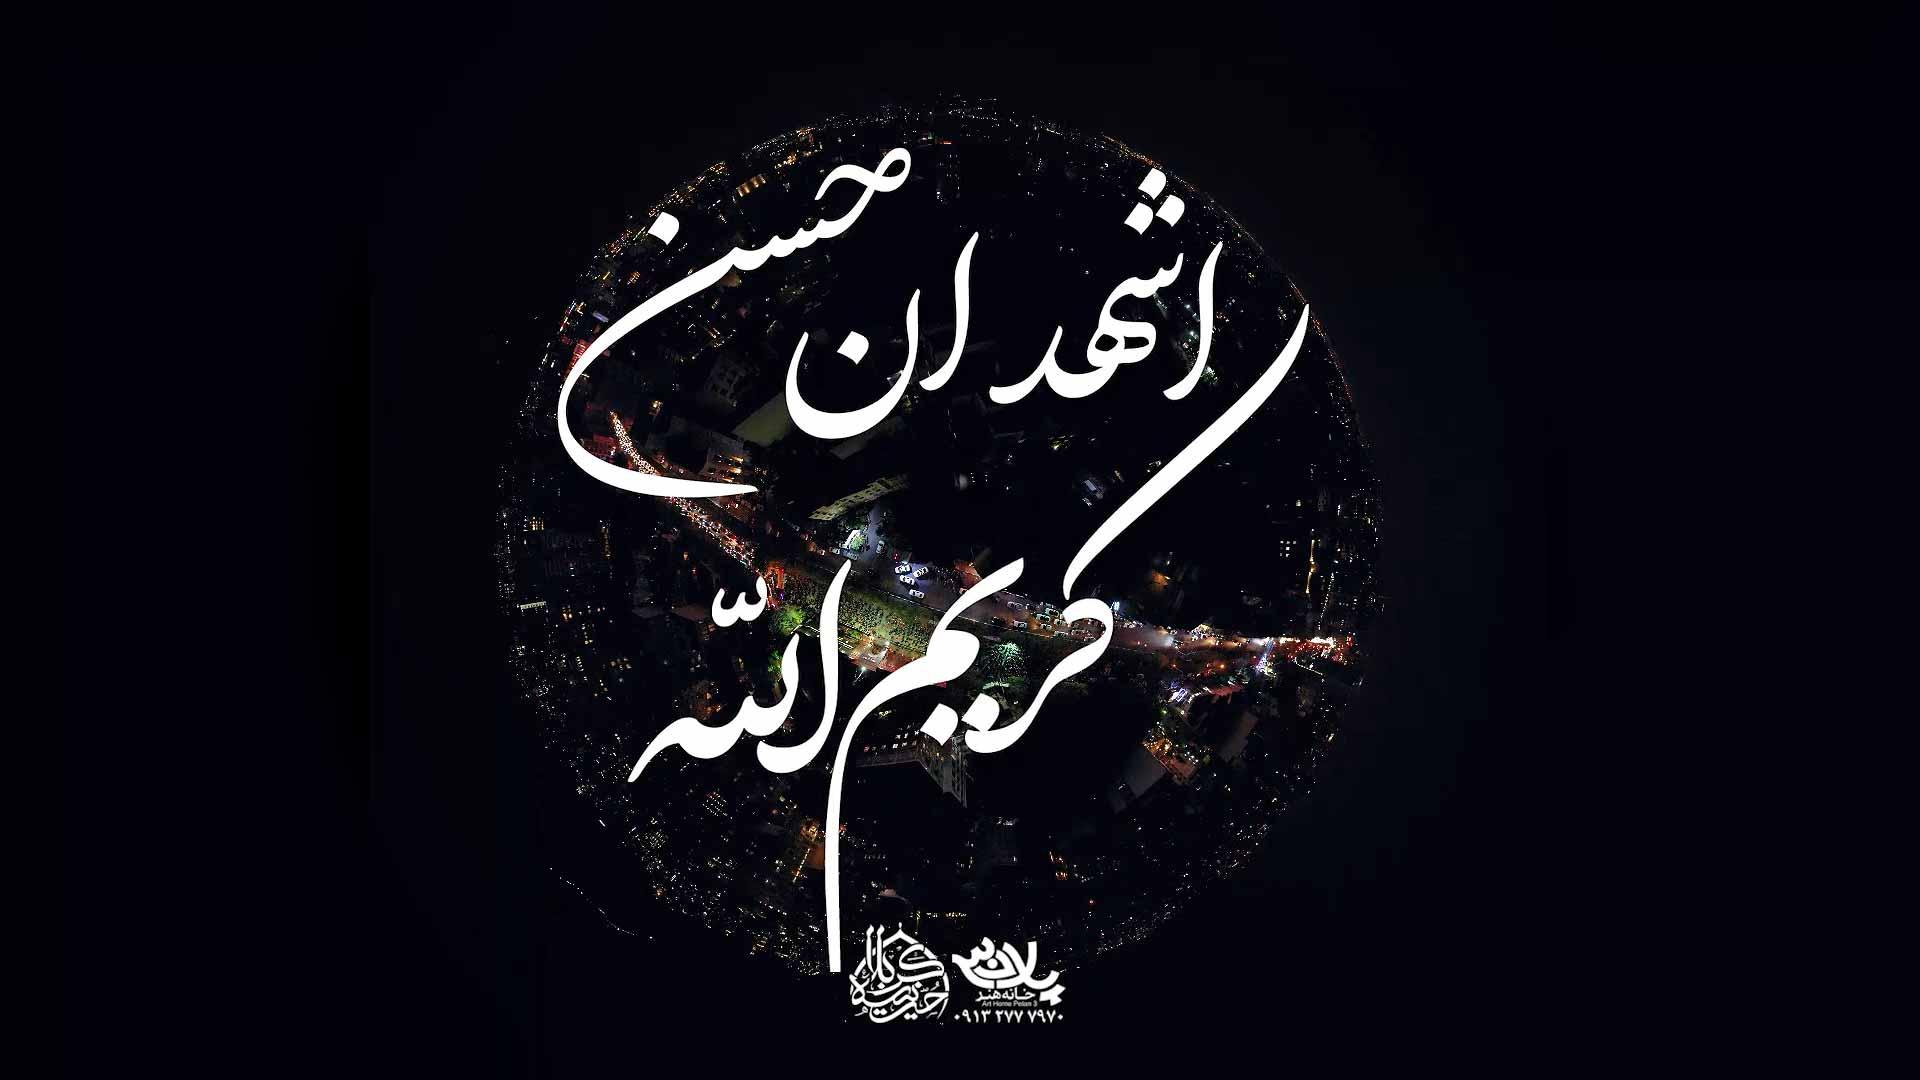 اشهدان حسن کریم الله عبدالرضا هلالی